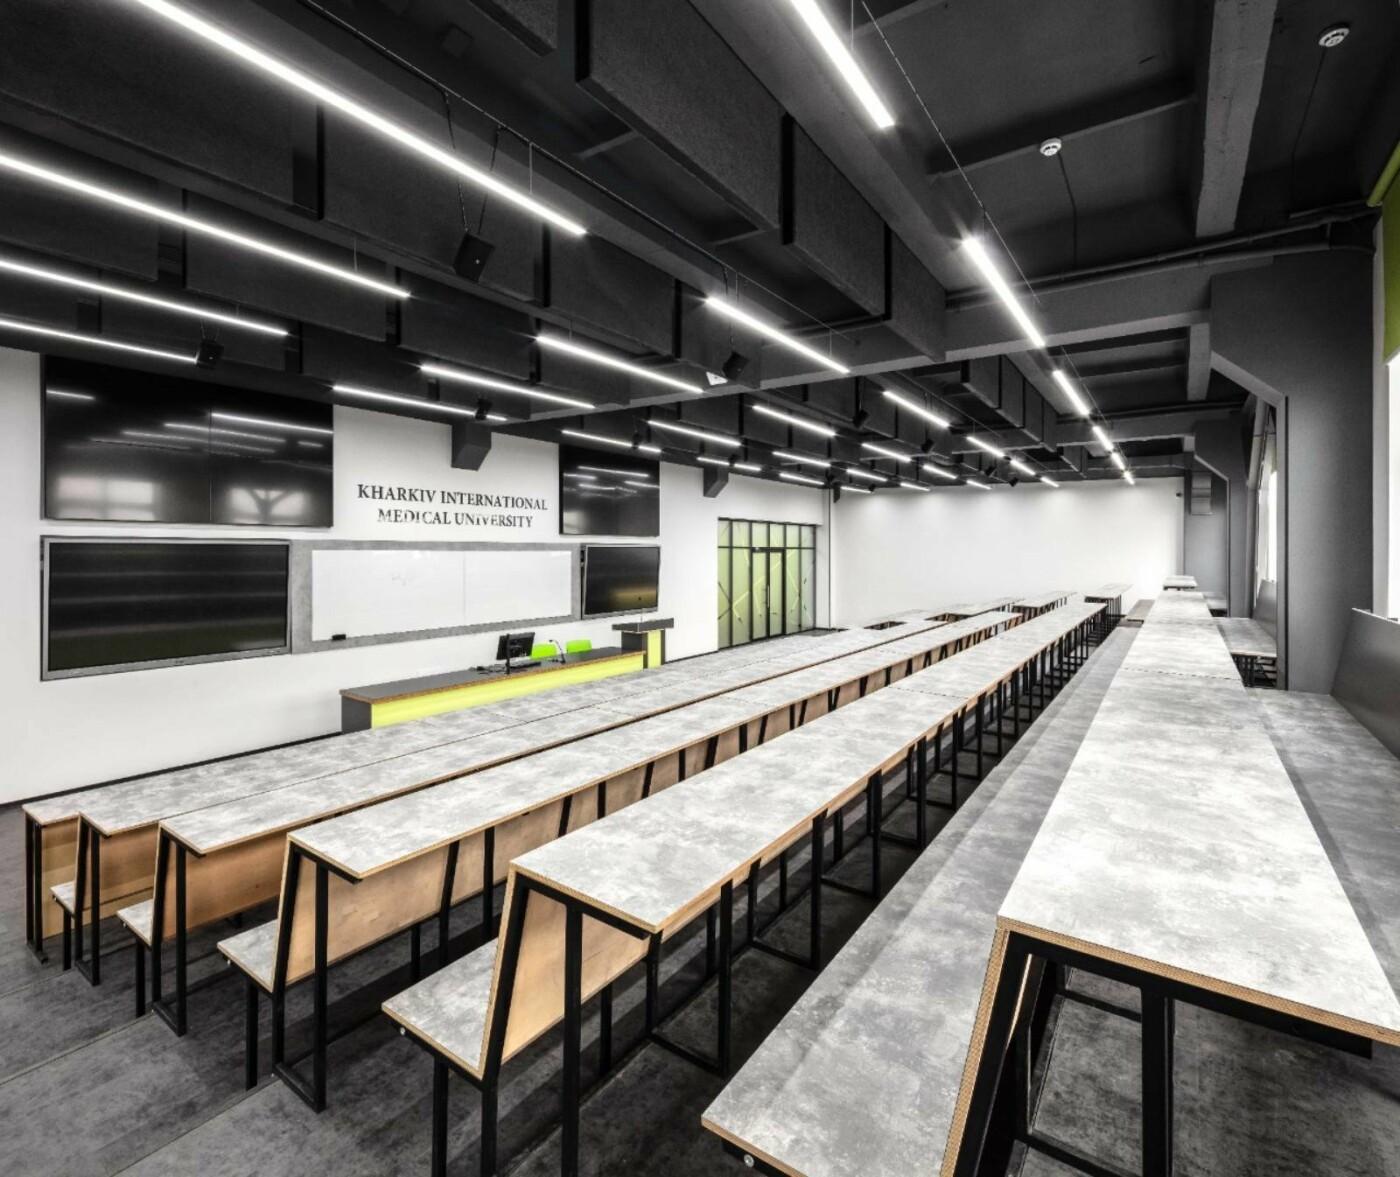 Стильная, яркая и индивидуальная мебель в стиле Loft от компании Lux-m для учебного заведения, фото-6